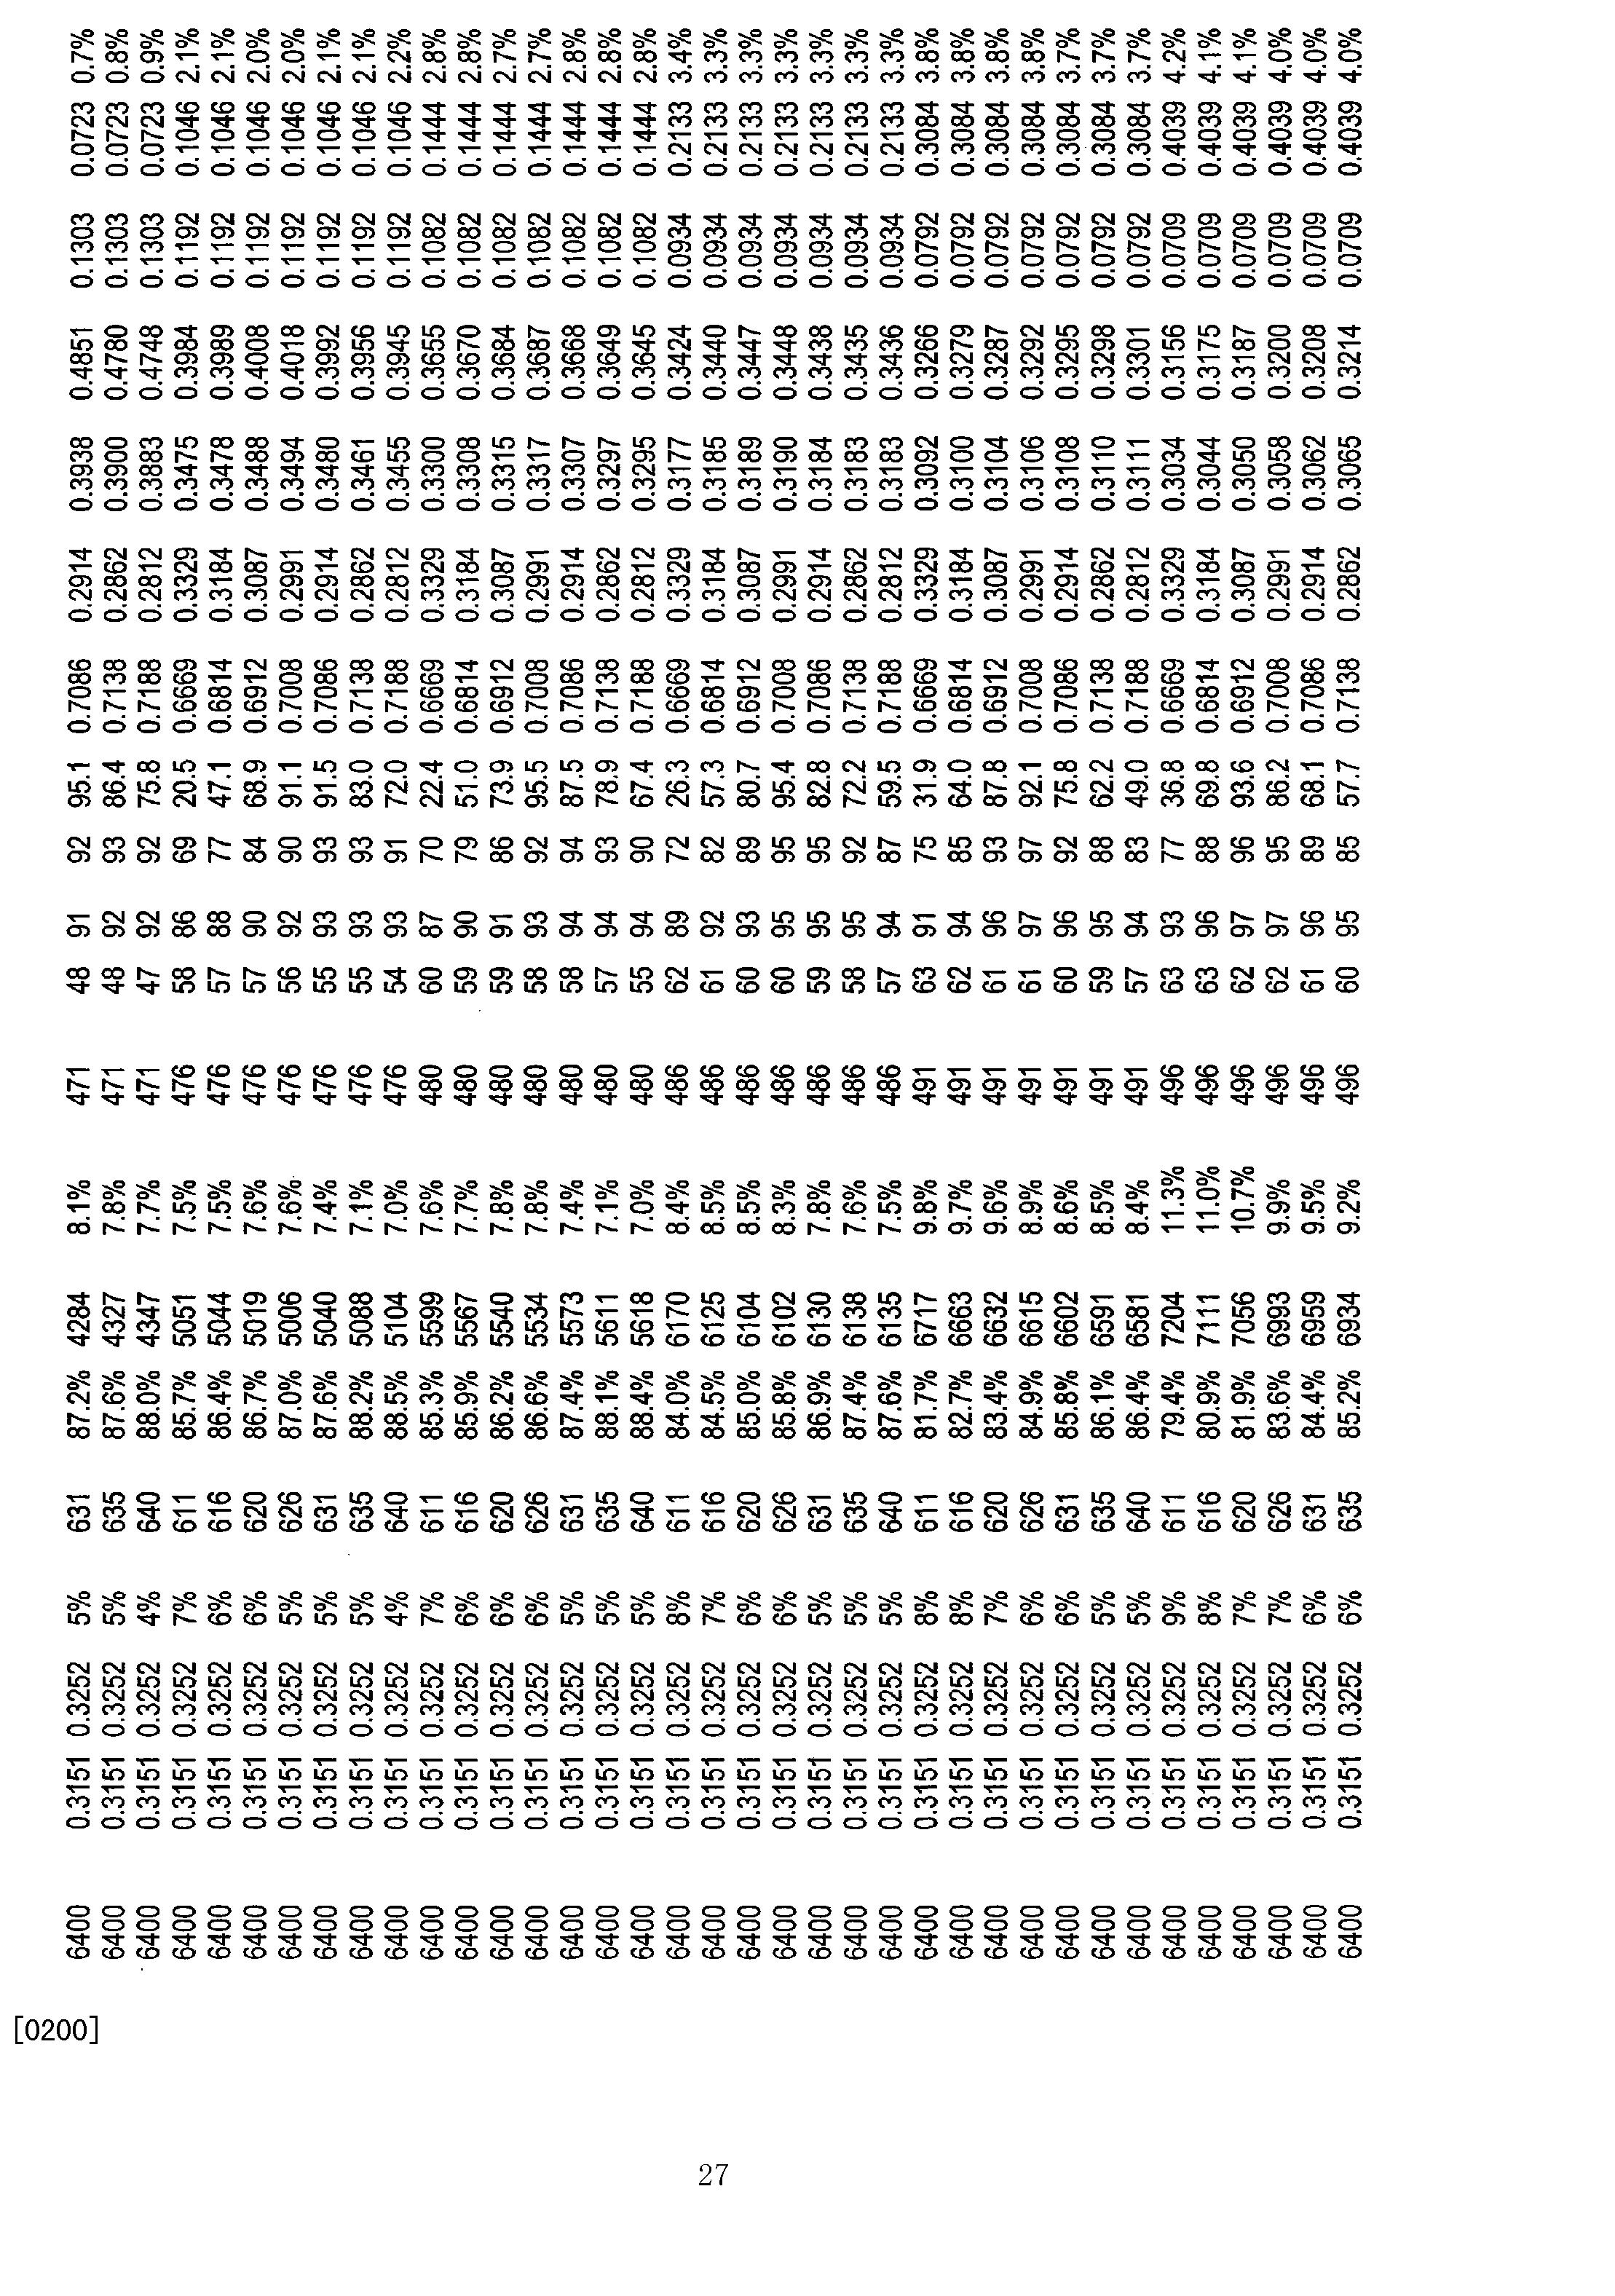 Figure CN101821544BD00271